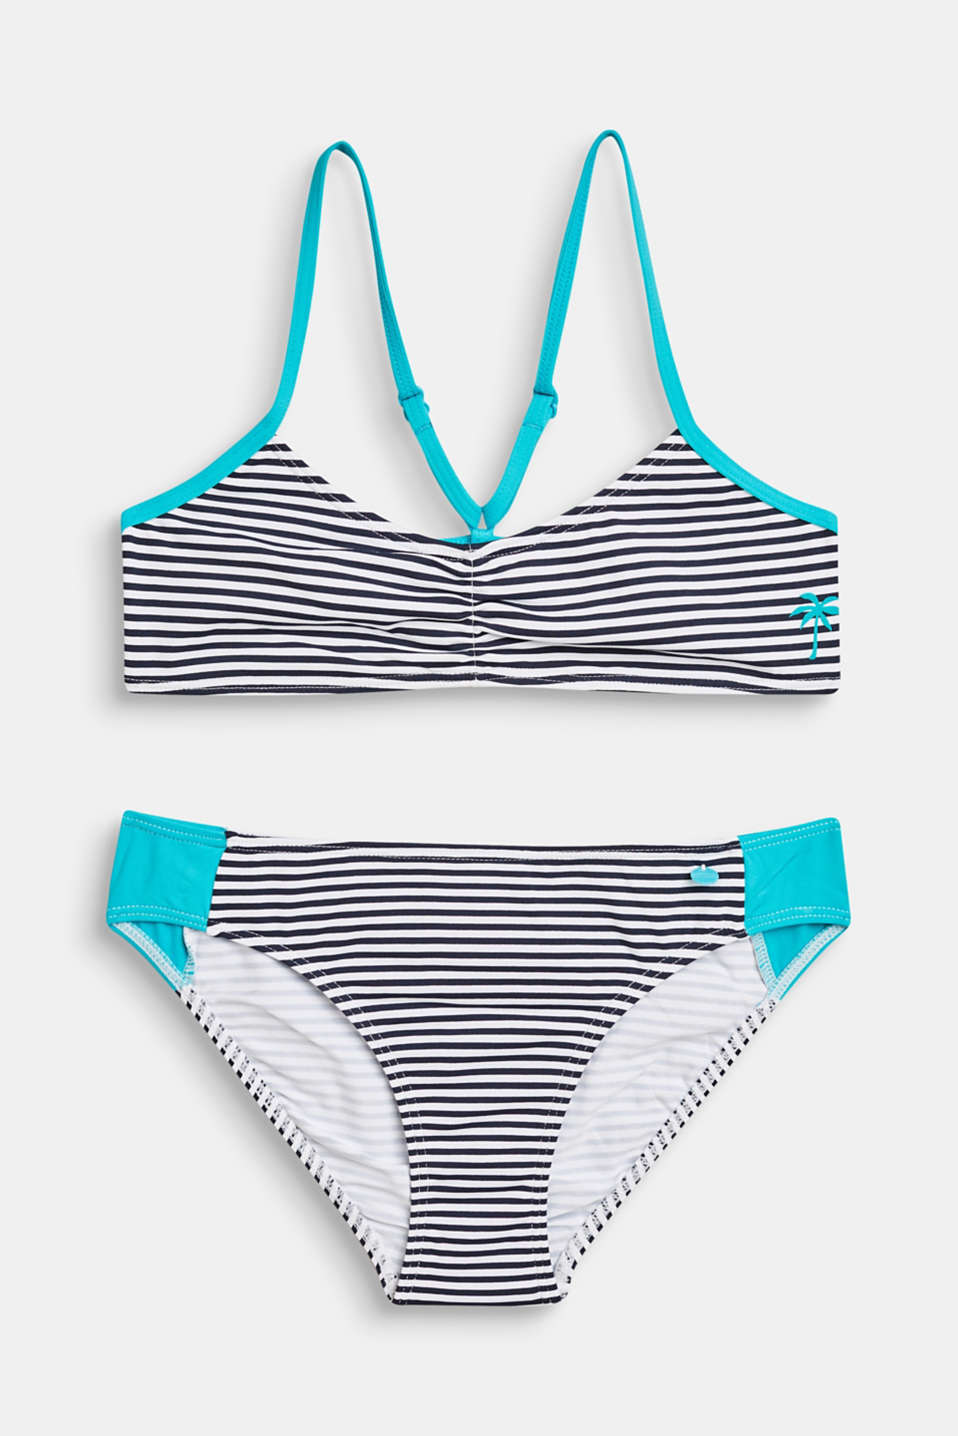 Striped crop top bikini